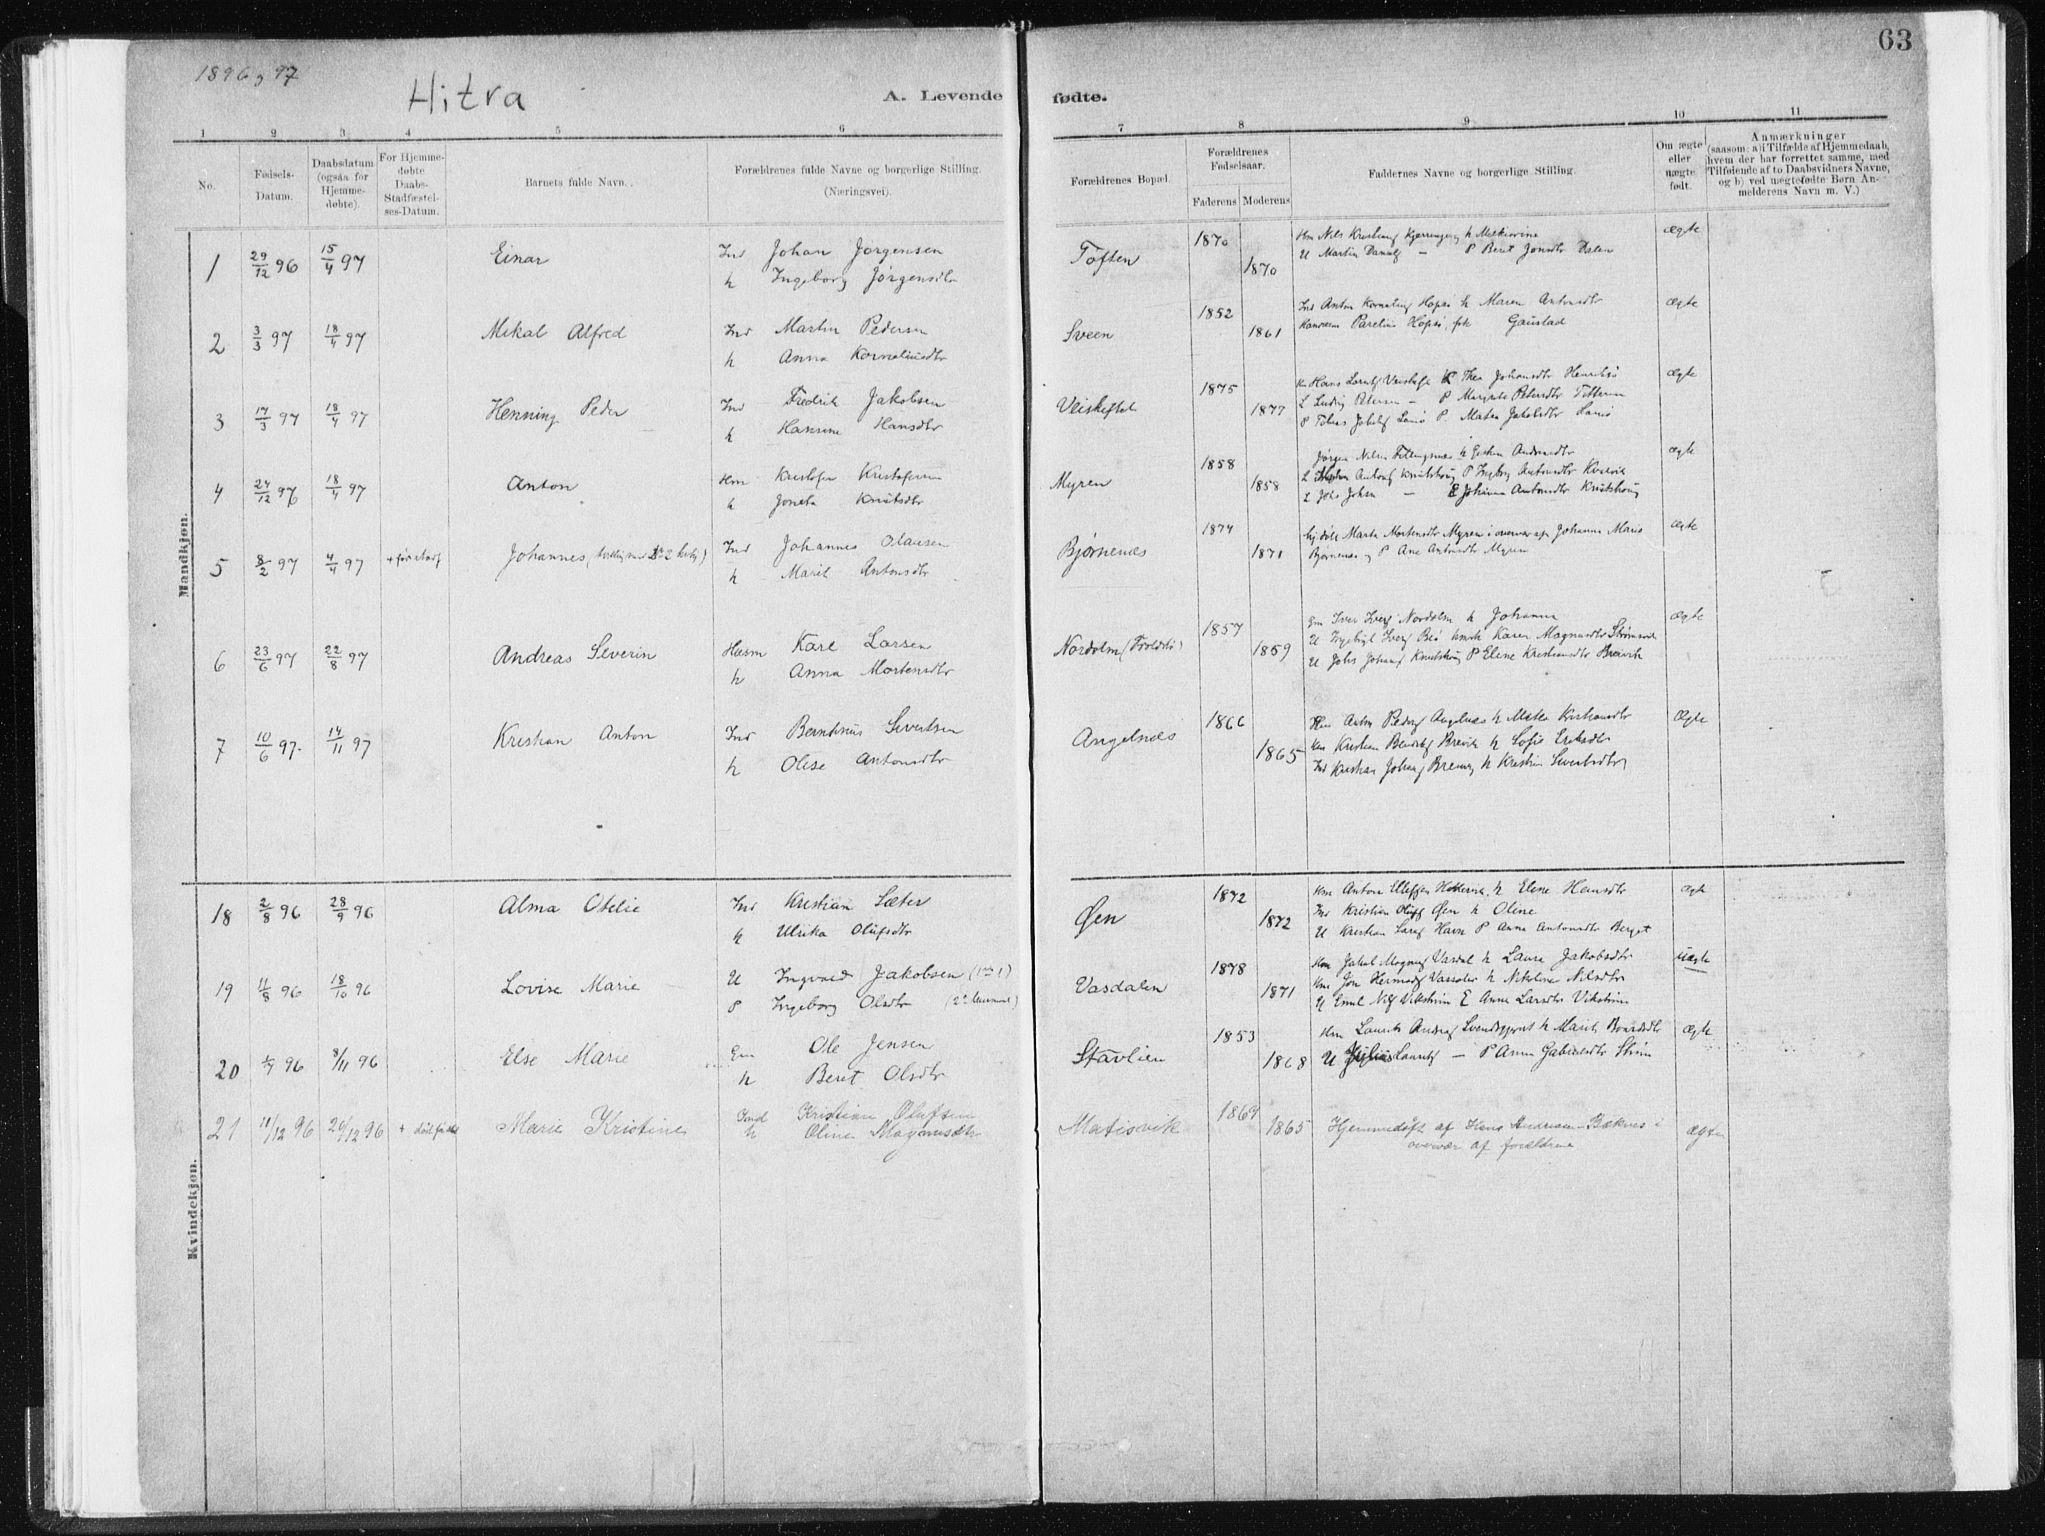 SAT, Ministerialprotokoller, klokkerbøker og fødselsregistre - Sør-Trøndelag, 634/L0533: Ministerialbok nr. 634A09, 1882-1901, s. 63